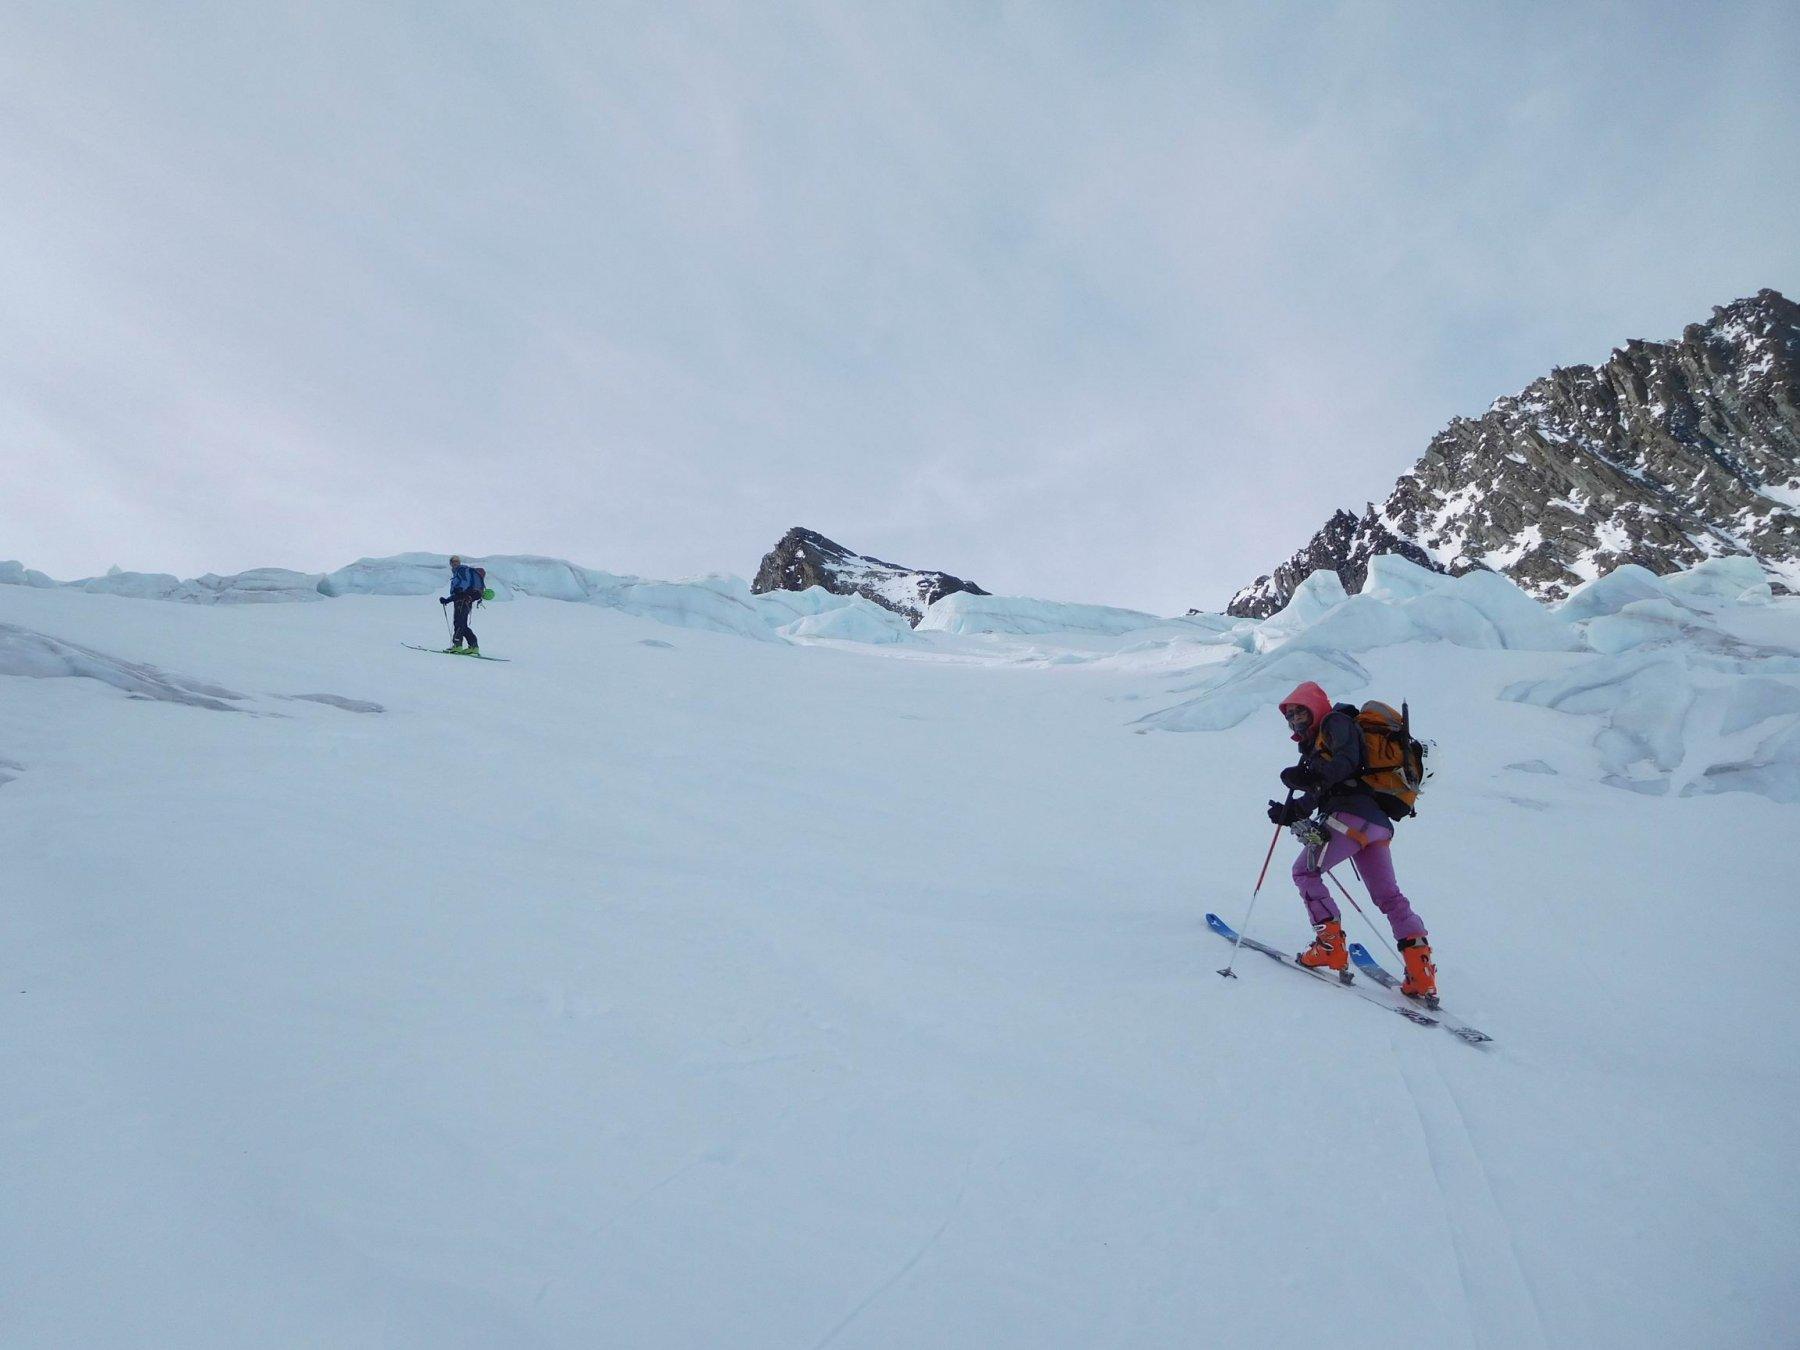 Sul ghiacciaio a 3200m